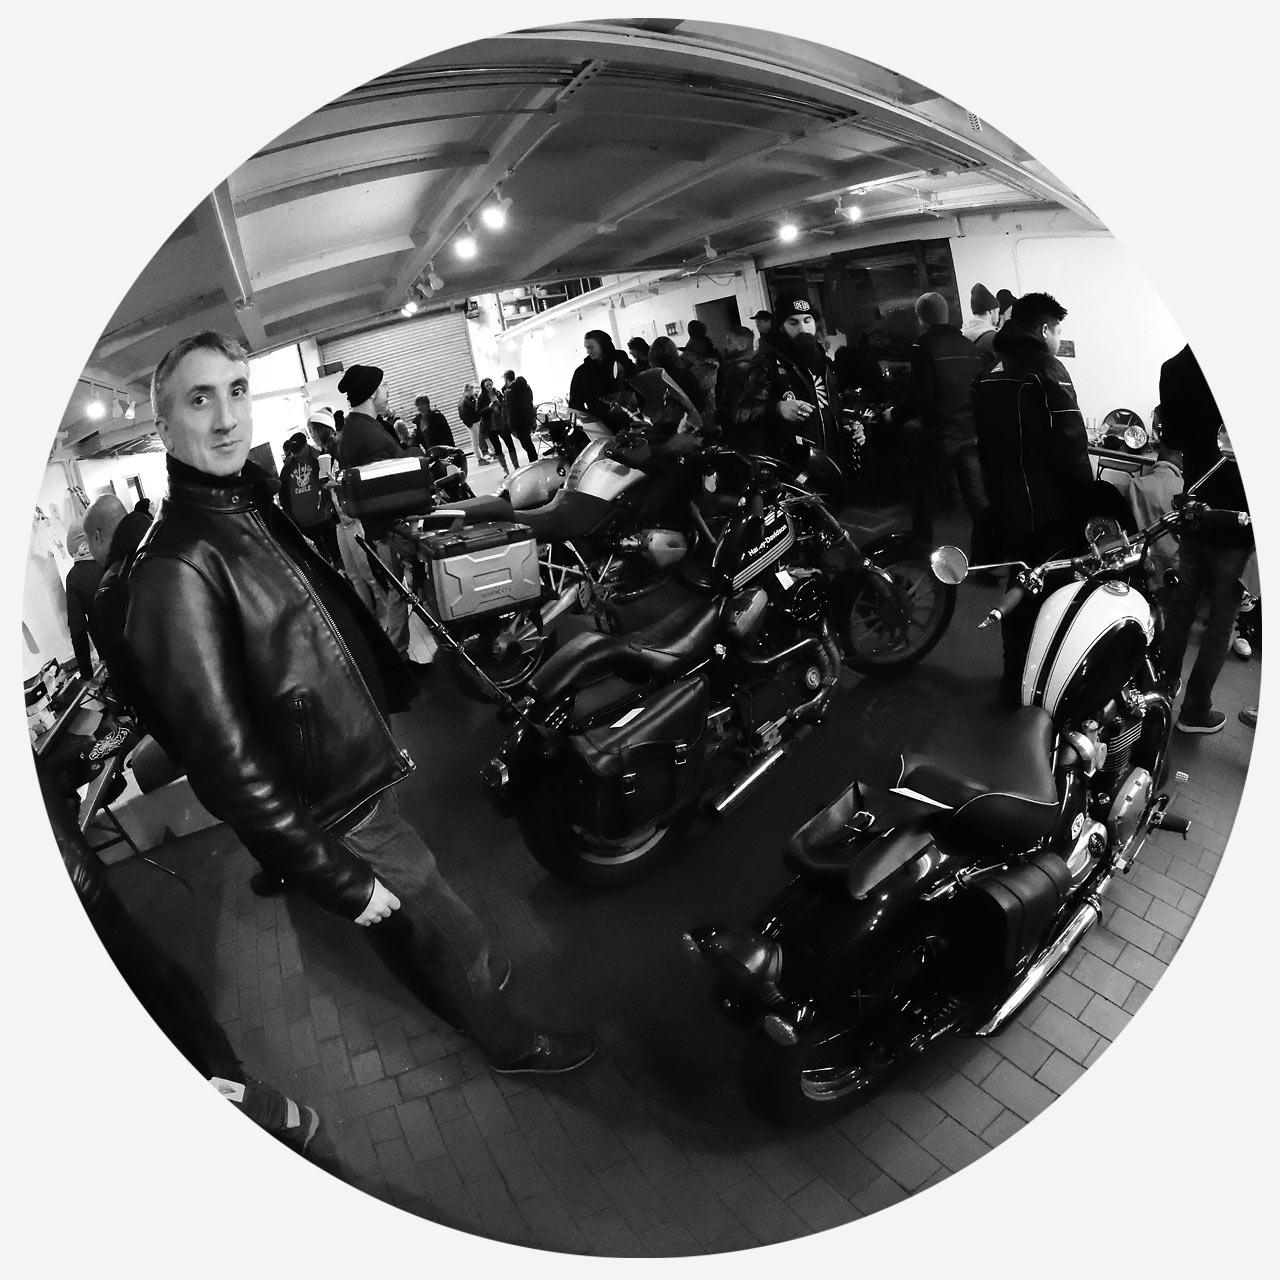 motomarket_010.jpg